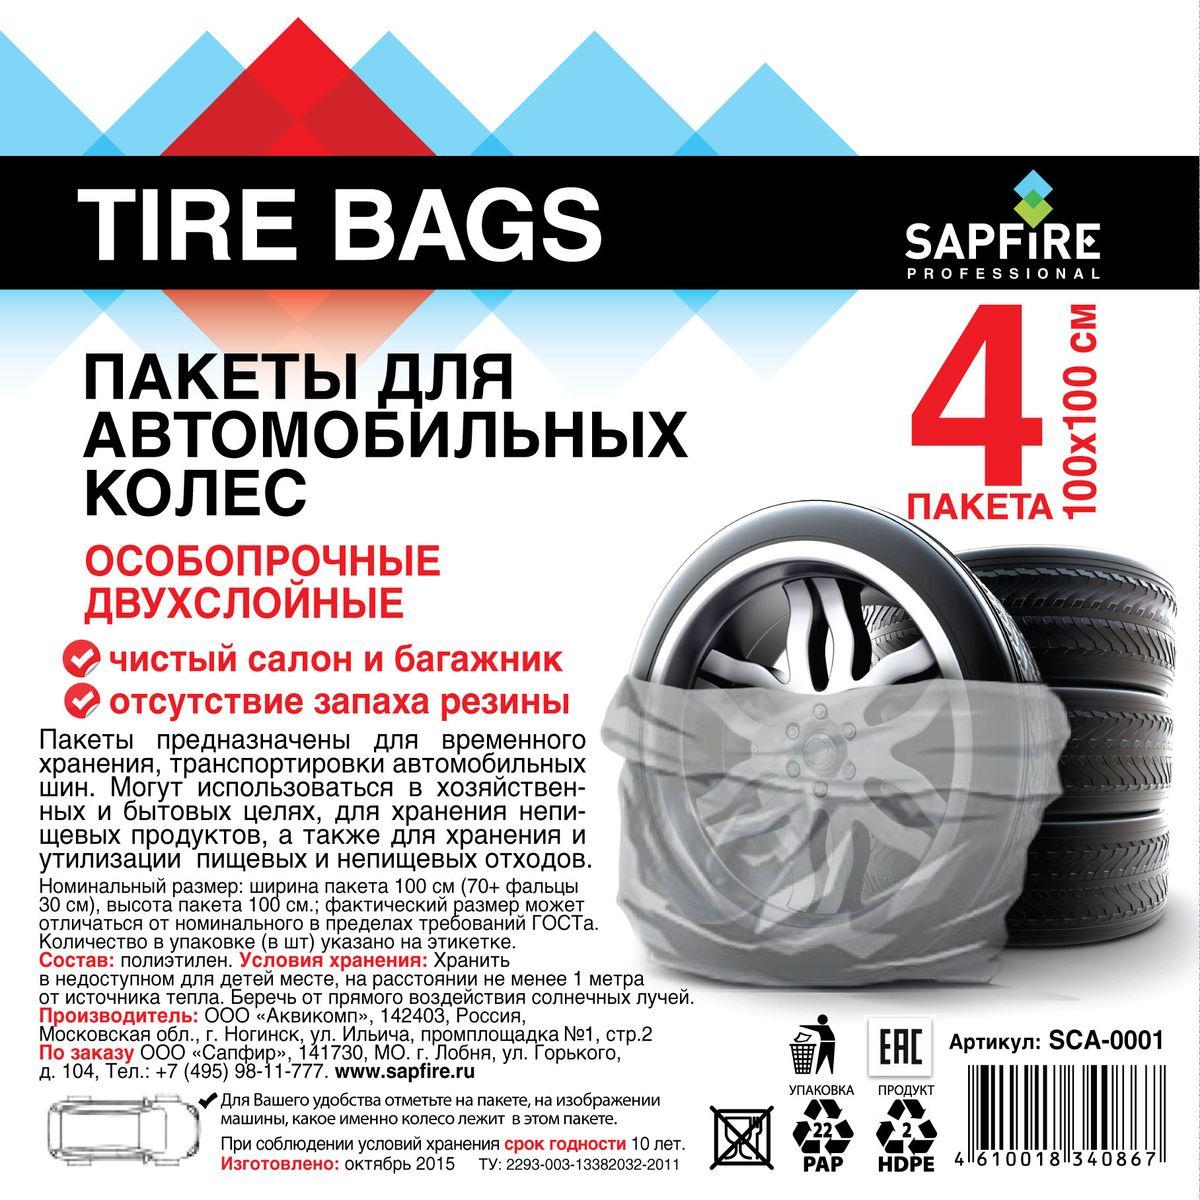 Пакеты для автомобильных колес Sapfire, 4 шт1004900000360Пакеты Sapfire выполнены из высококачественного полиэтилена. Они предназначены для временного хранения транспортировки автомобильных шин. Могут использоваться в хозяйственных и бытовых целях, например, для хранения непищевых продуктов, а также для хранения и утилизации пищевых и непищевых отходов.Номинальный размер: ширина пакета 100 см (70+ фальцы 30 см), высота пакета 100 см. Уважаемые клиенты! Обращаем ваше внимание ,что фактический размер может отличаться от номинального в пределах требований ГОСТа.